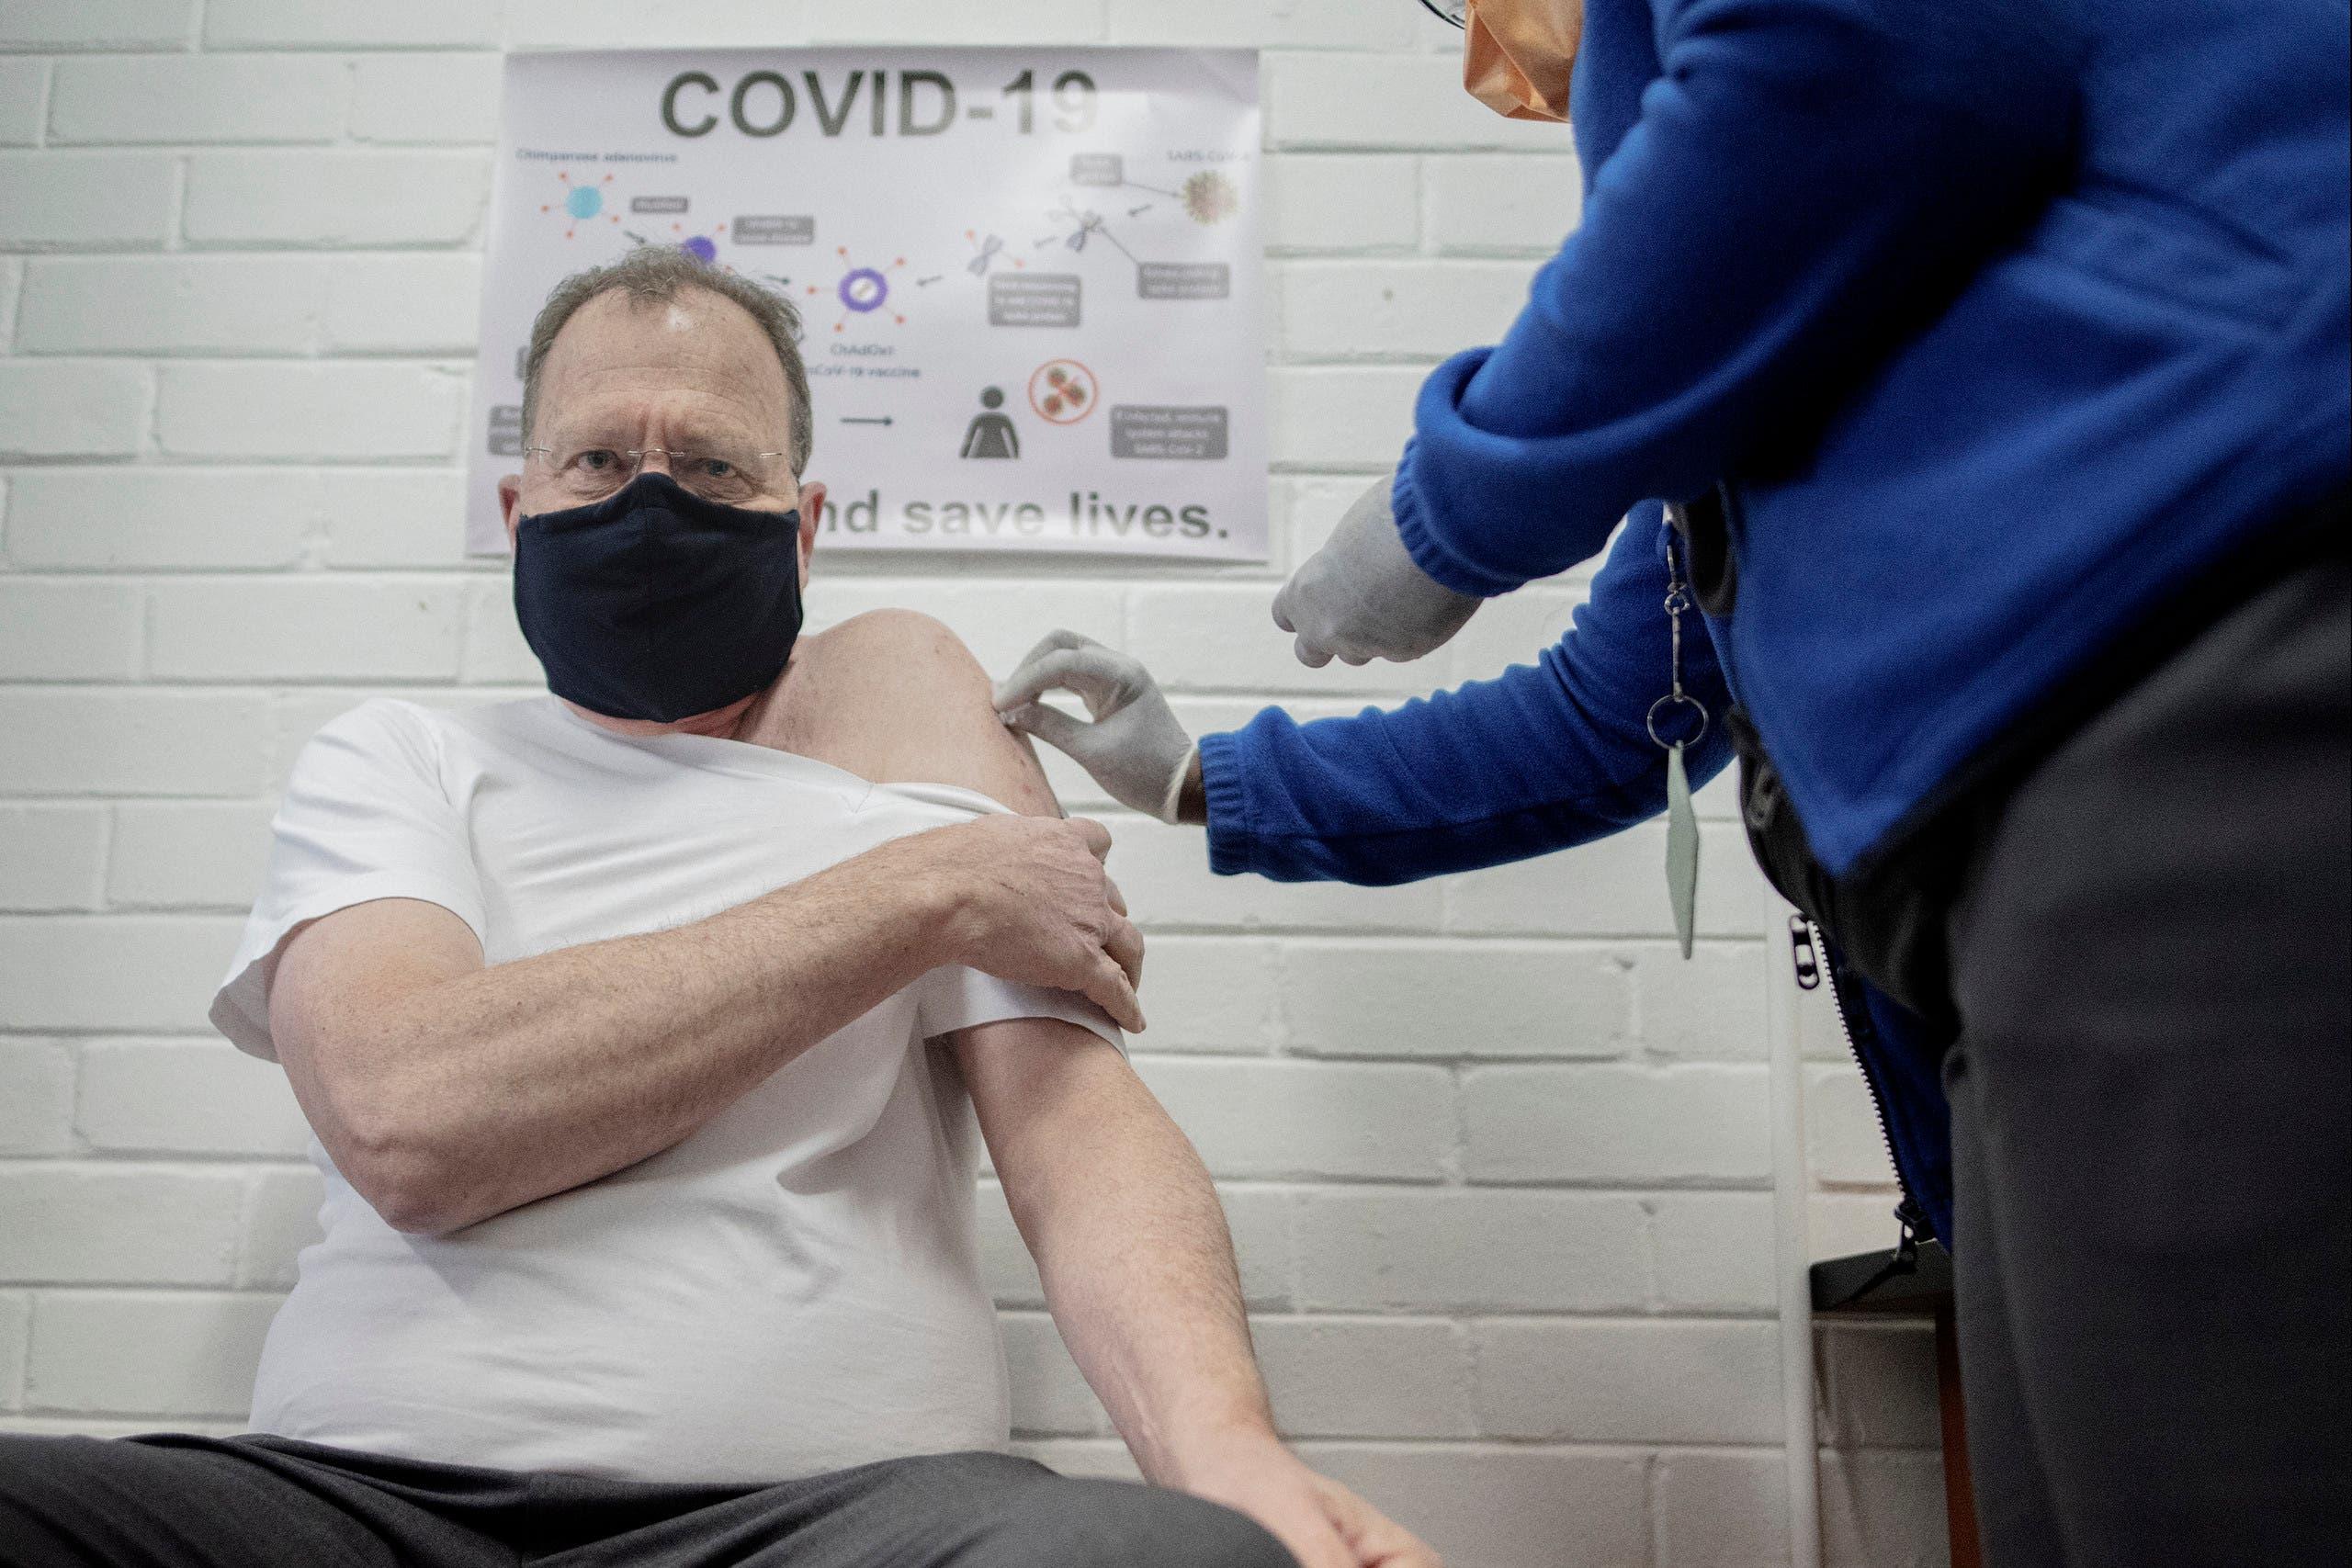 متطوع يتلقى جرعة من لقاح قيد التطوير لكورونا في جنوب إفريقيا